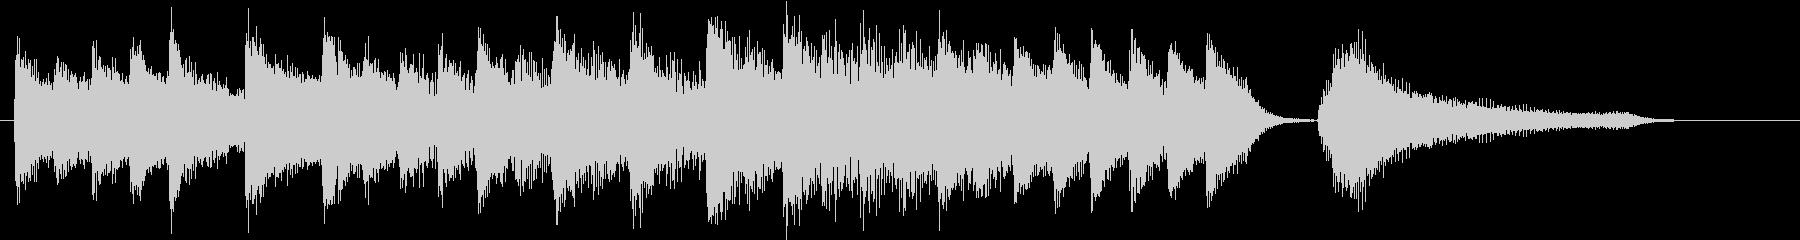 お正月・一月一日モチーフピアノジングルCの未再生の波形